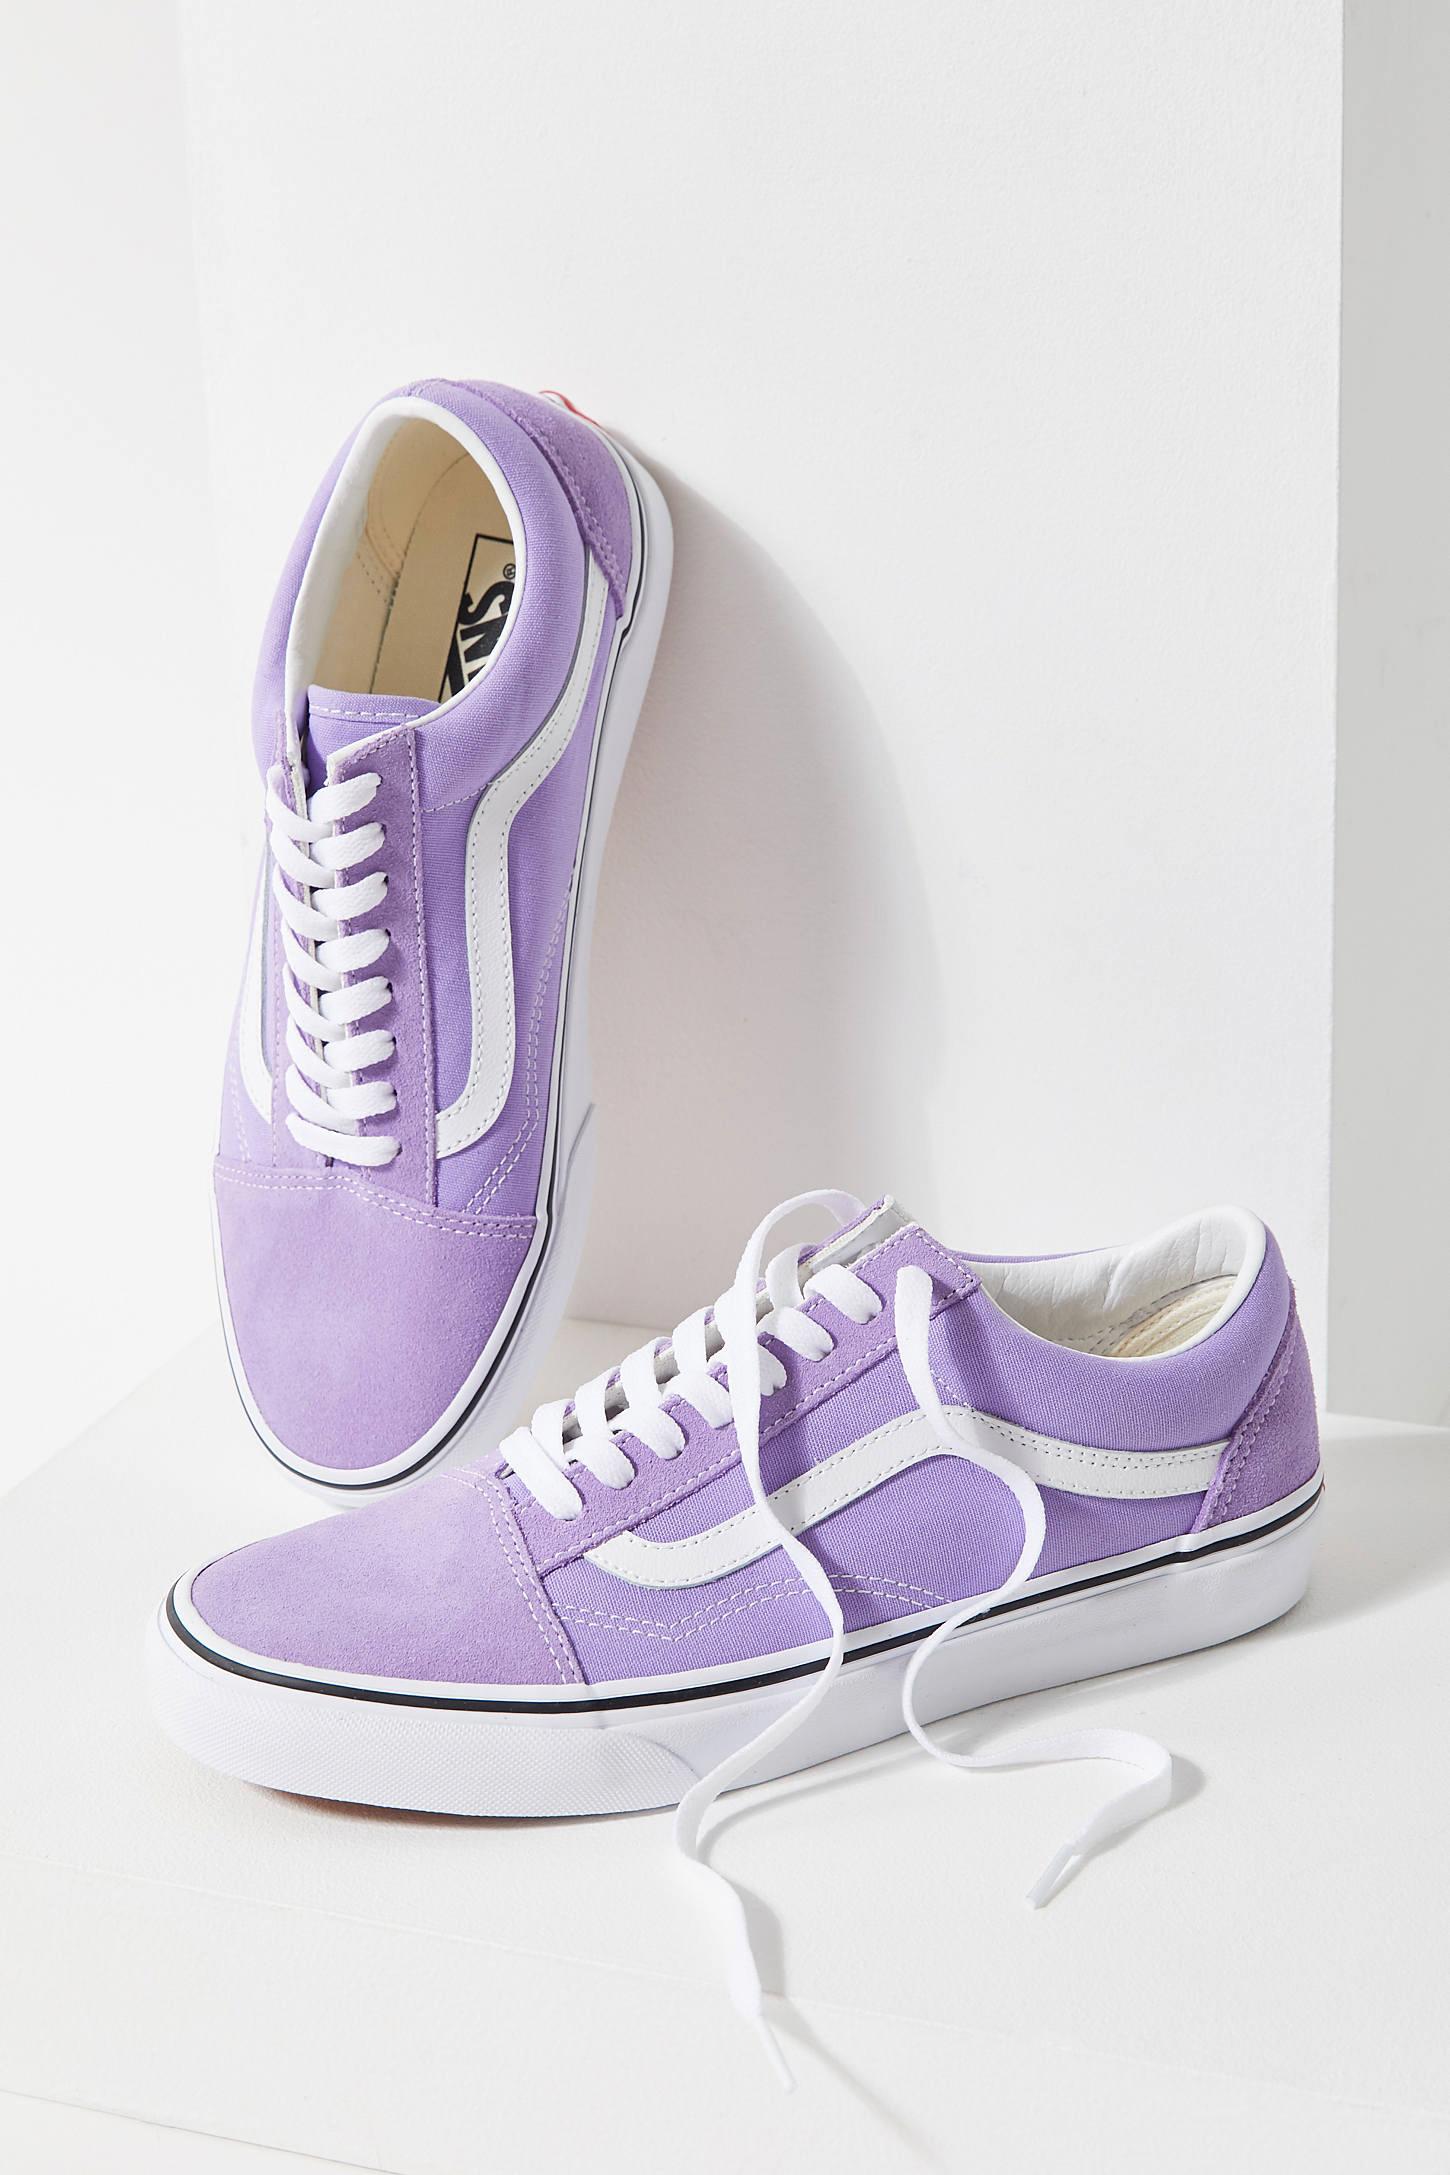 Meilleur prix Vans Le sneaker Old Skool pastel Femme